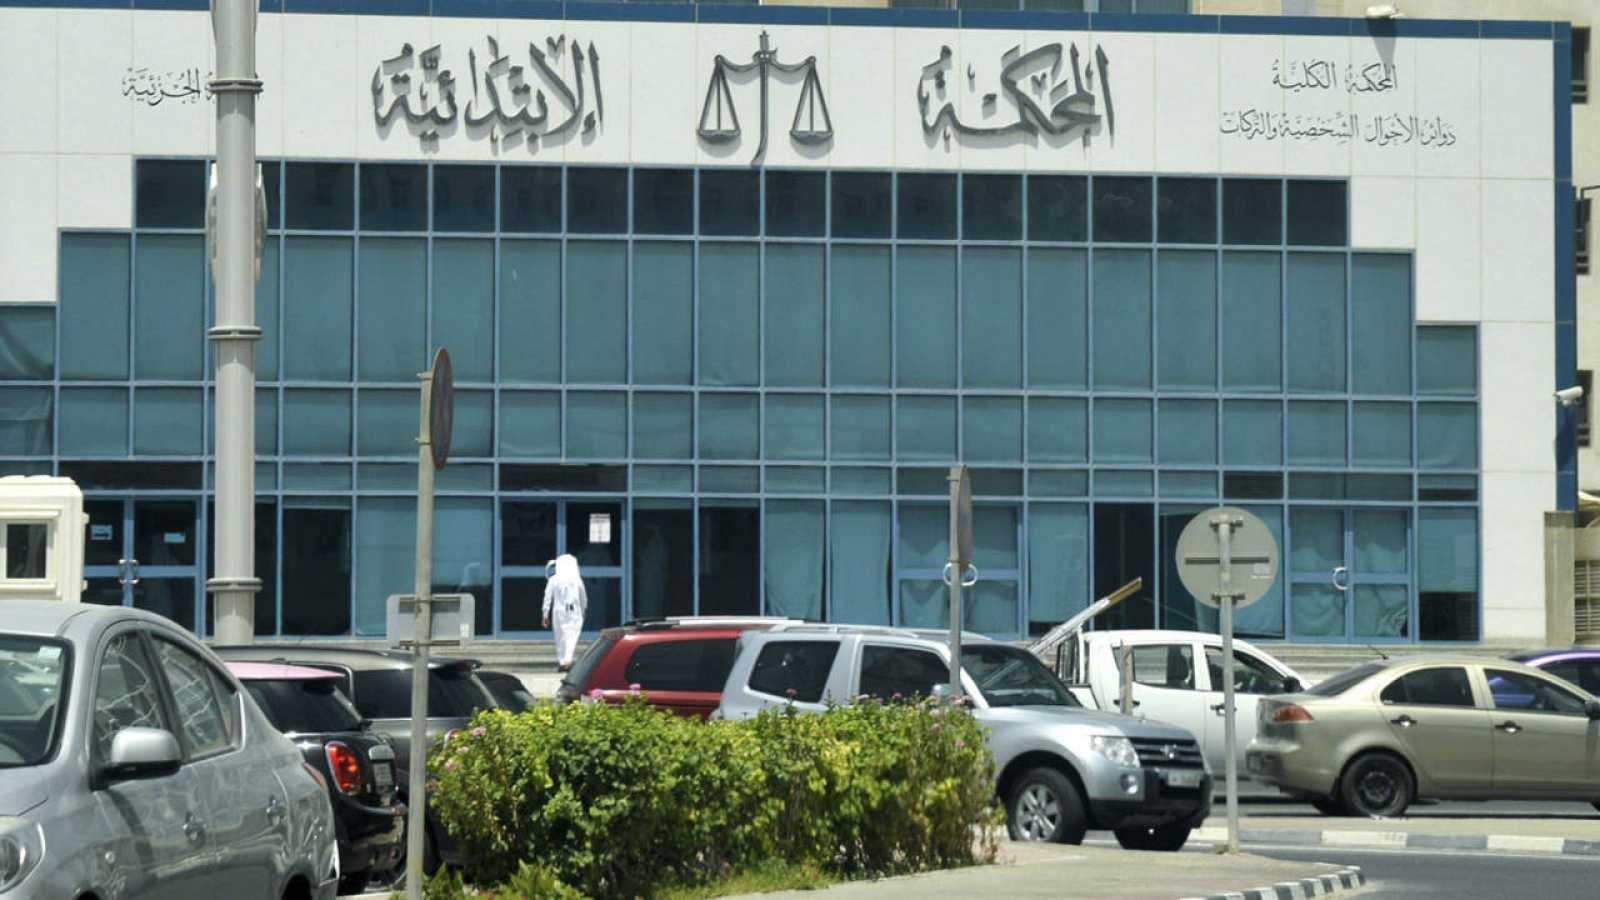 Vista del juzgado donde se celebra el juicio de la joven holandesa detenida tras denunciar una violación en Catar